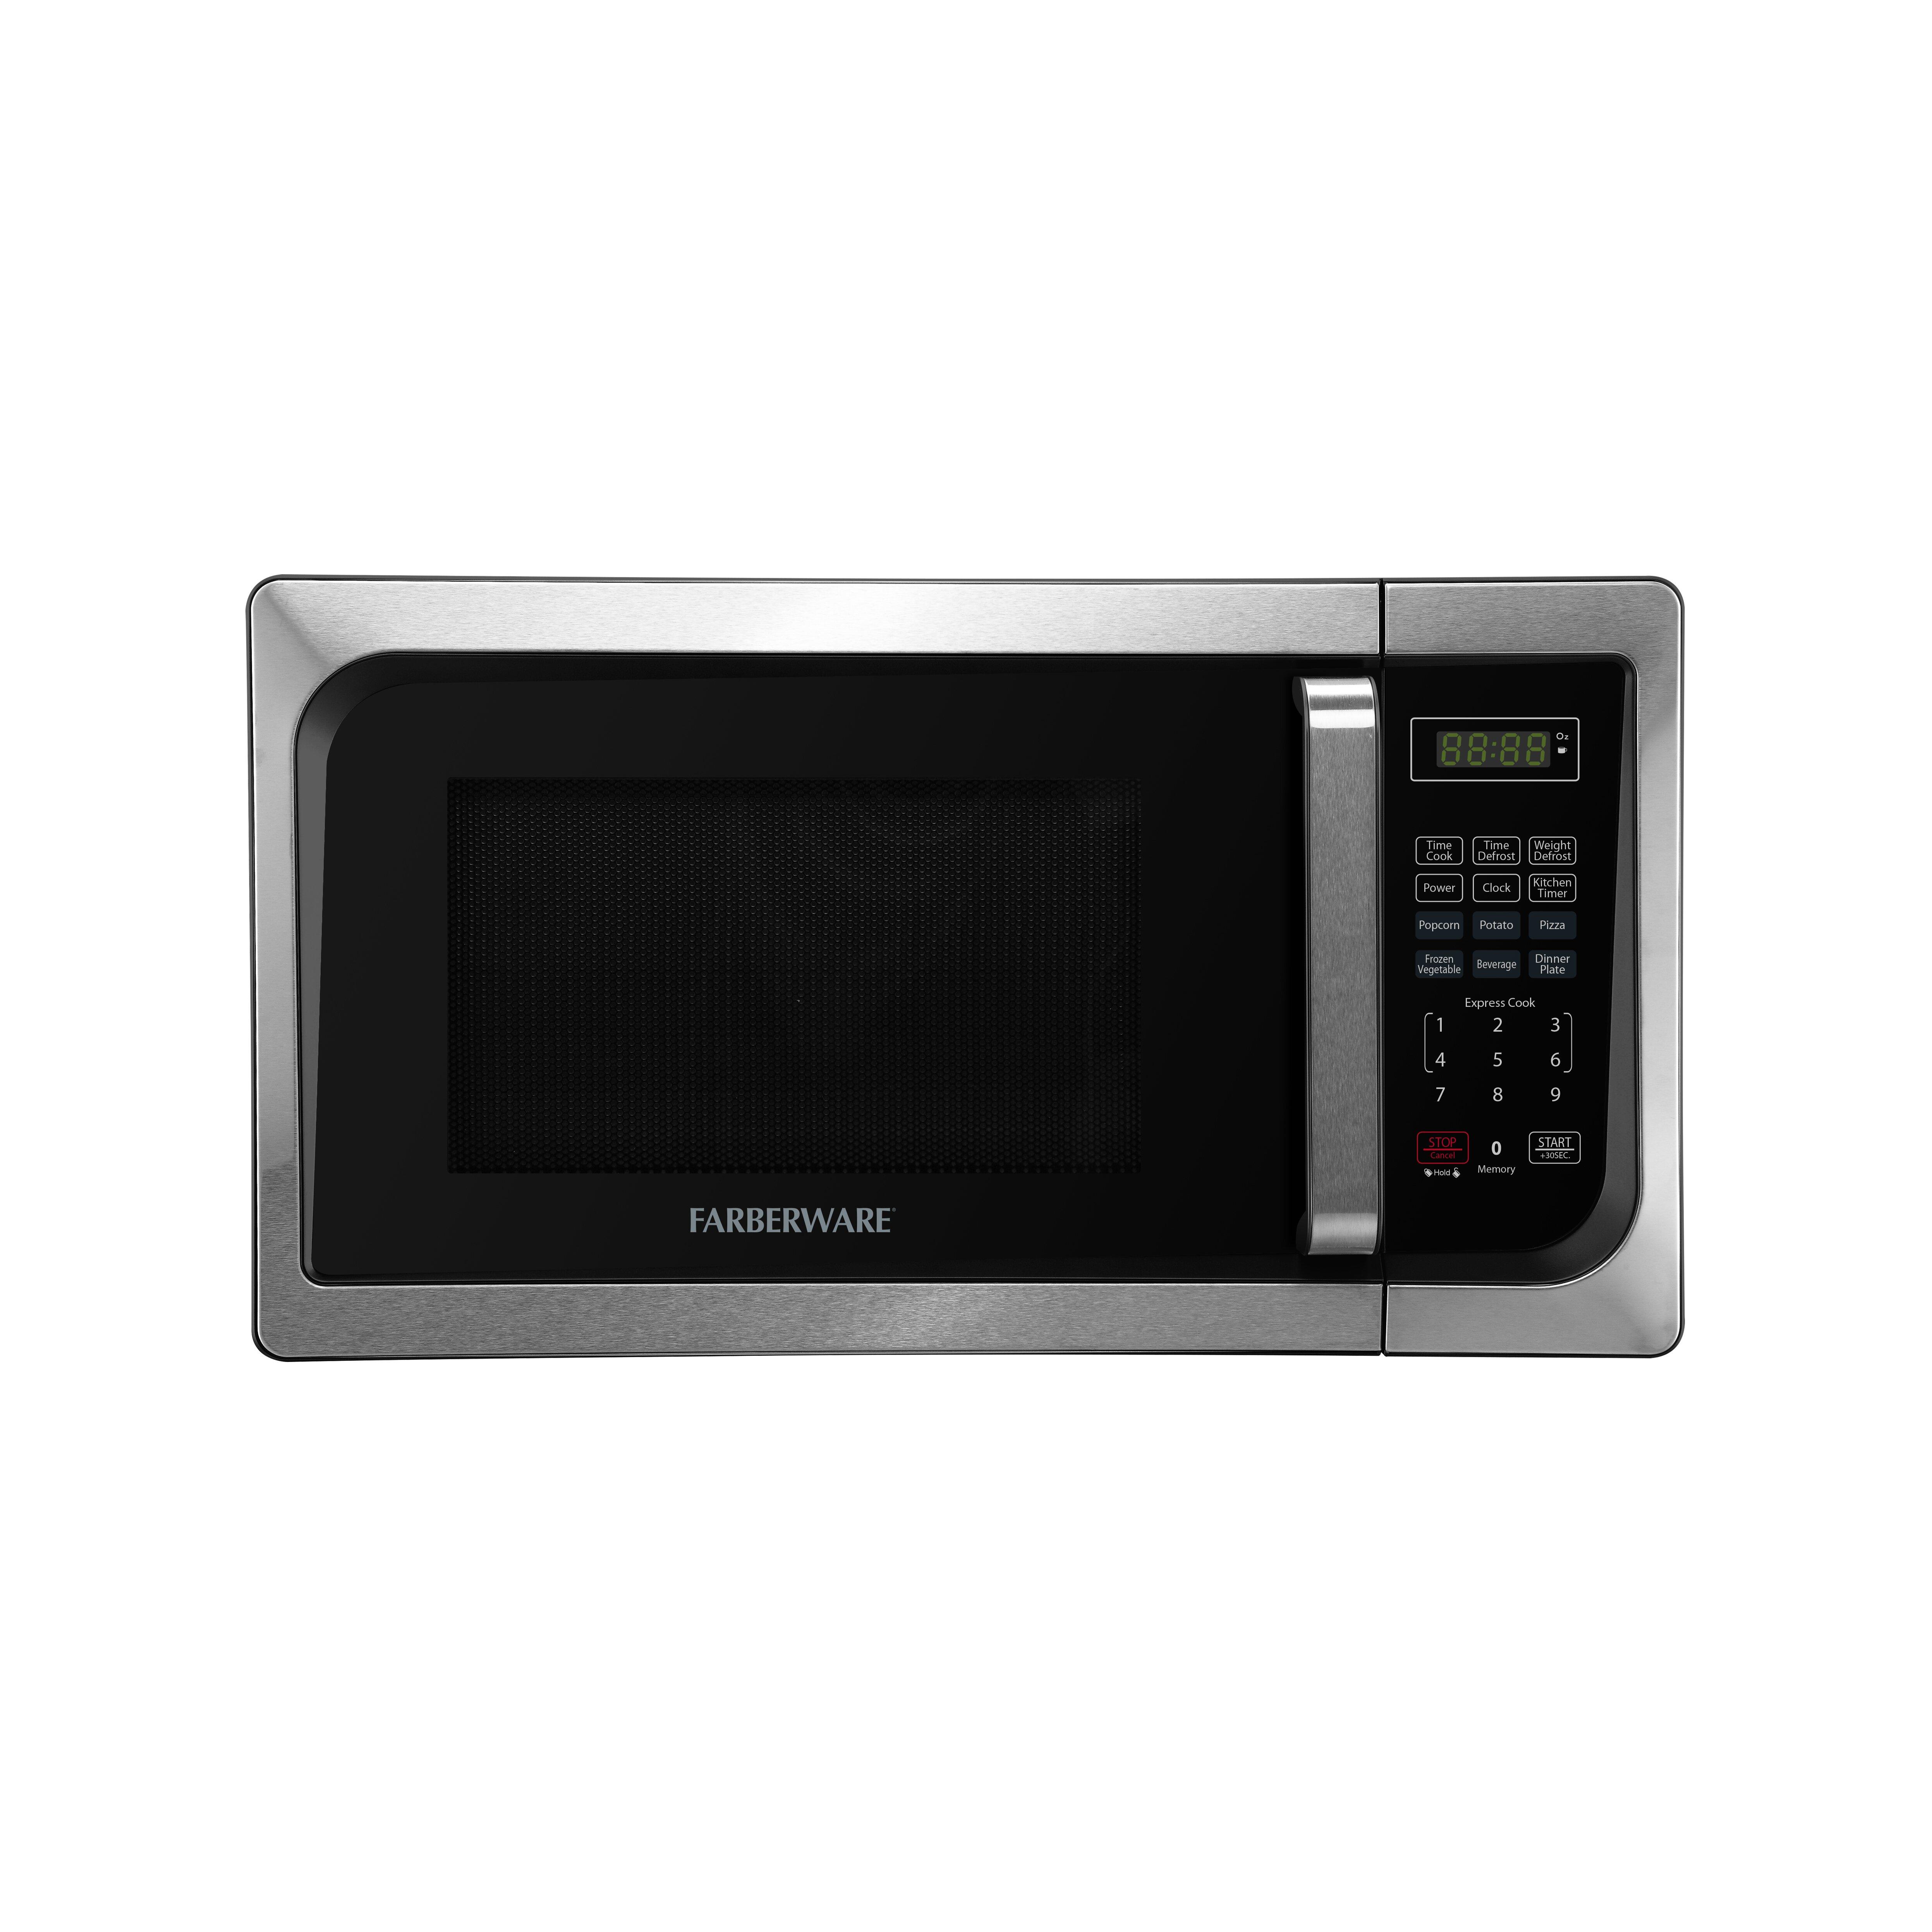 Countertop Oven Farberware : Classic 0.9 Cu. Ft. 900W Countertop Microwave Oven by Farberware